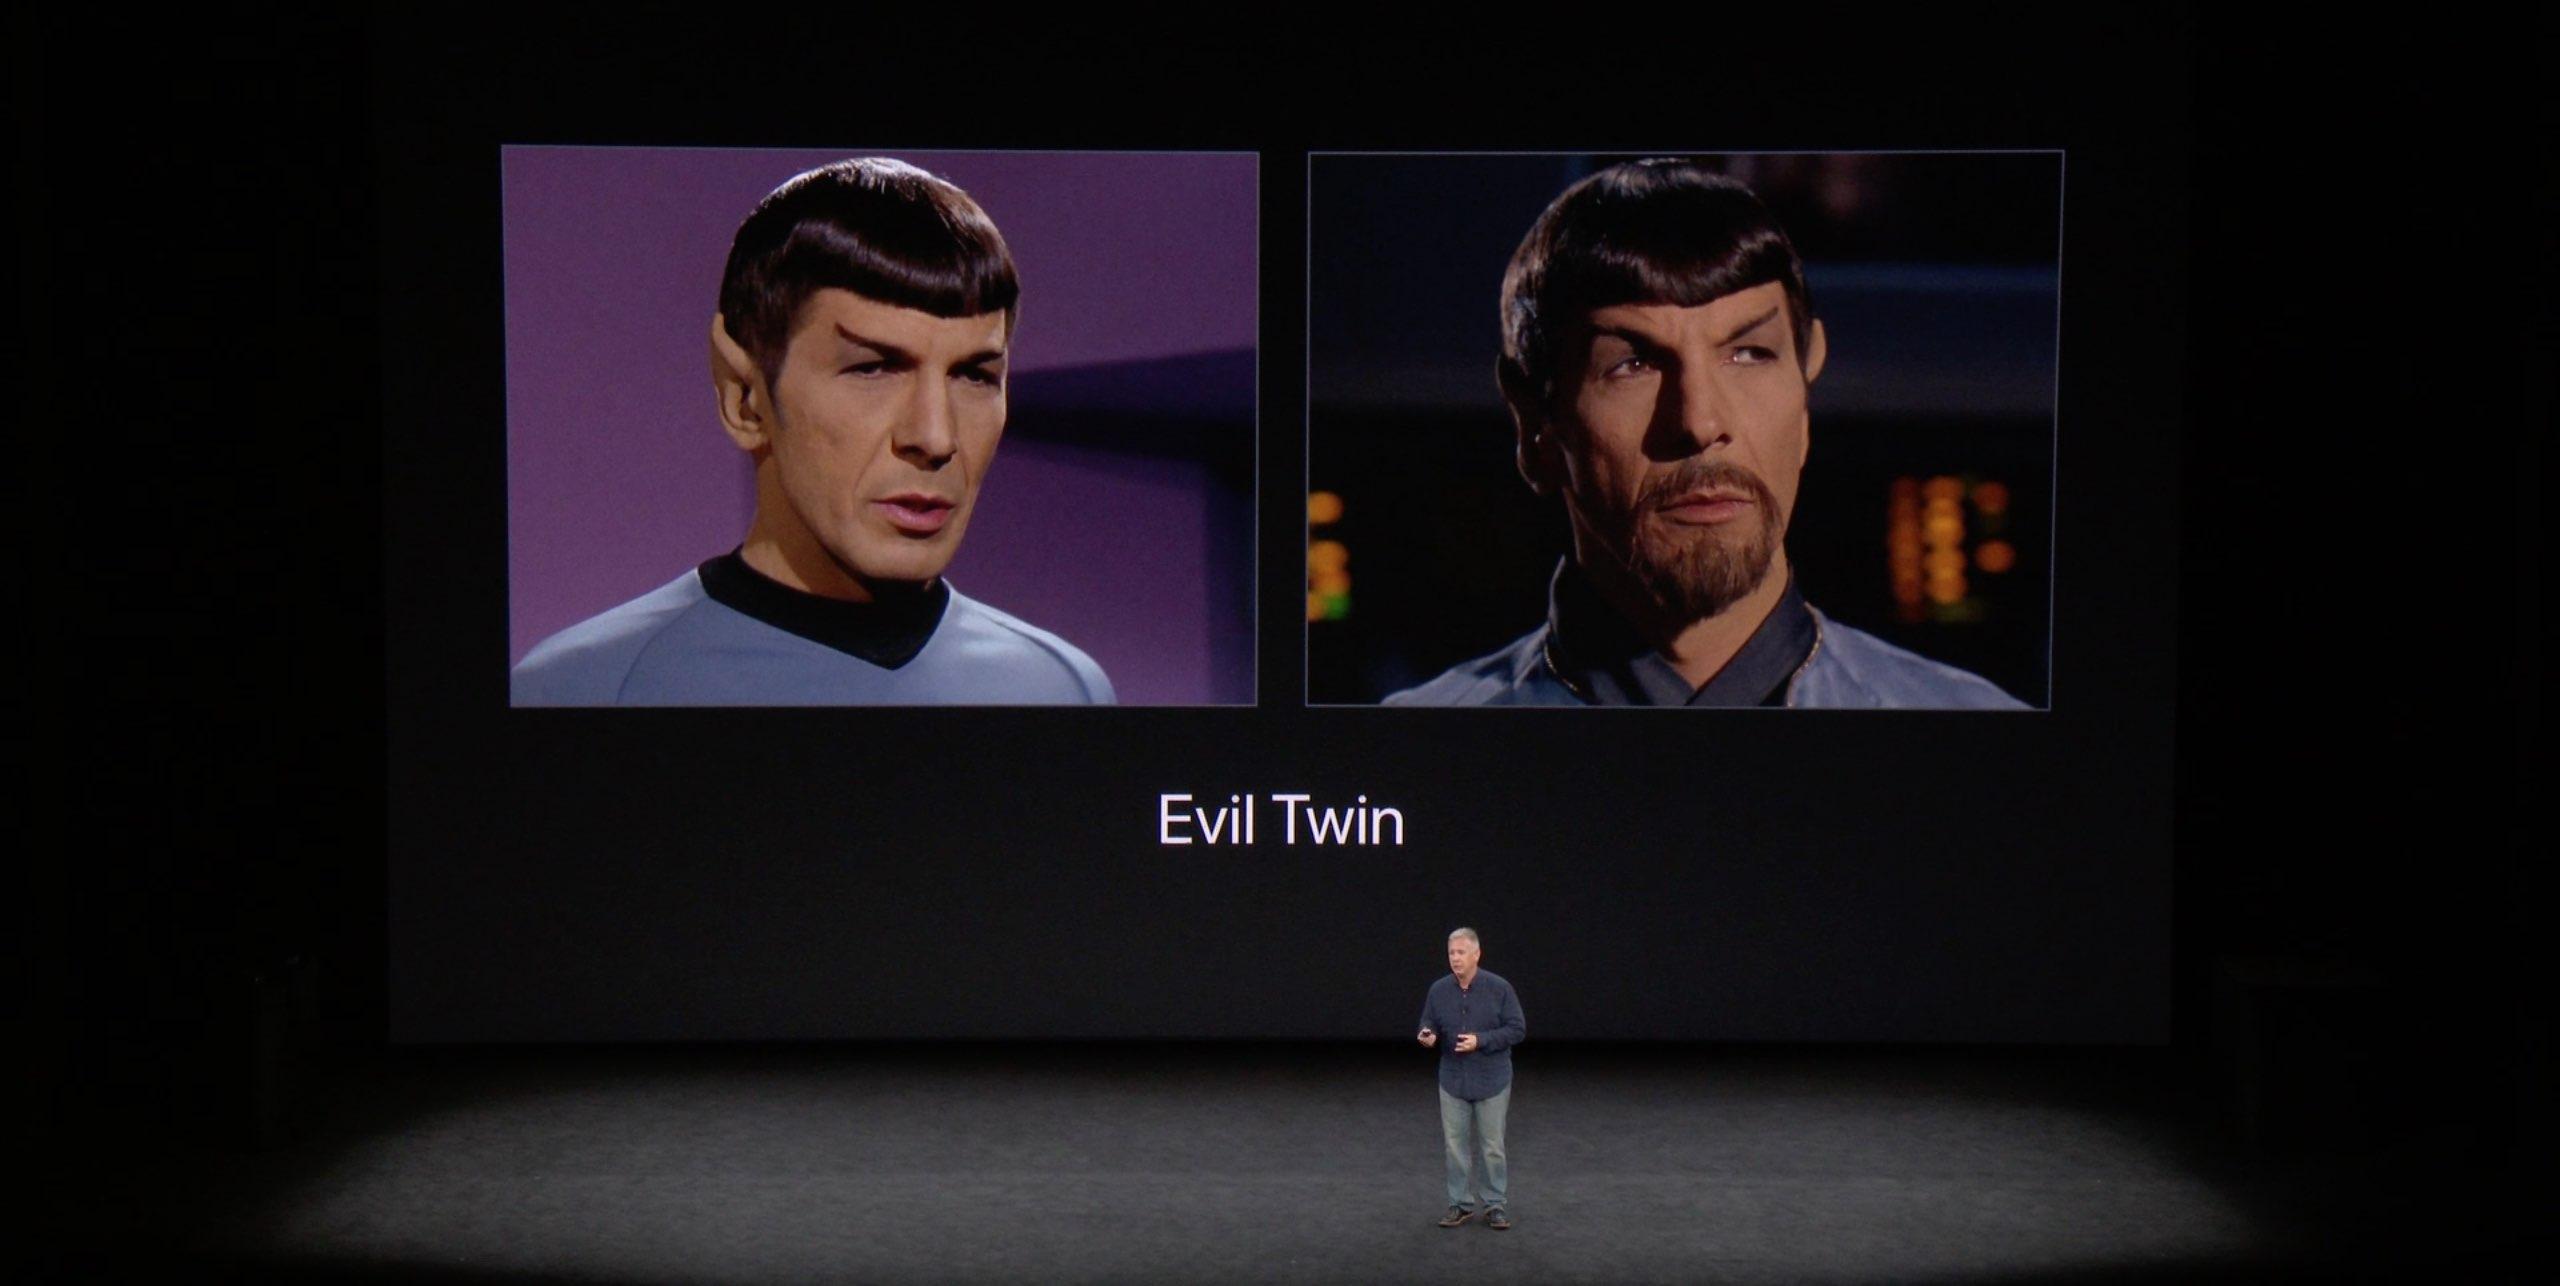 Face-ID-evil-twin.jpg